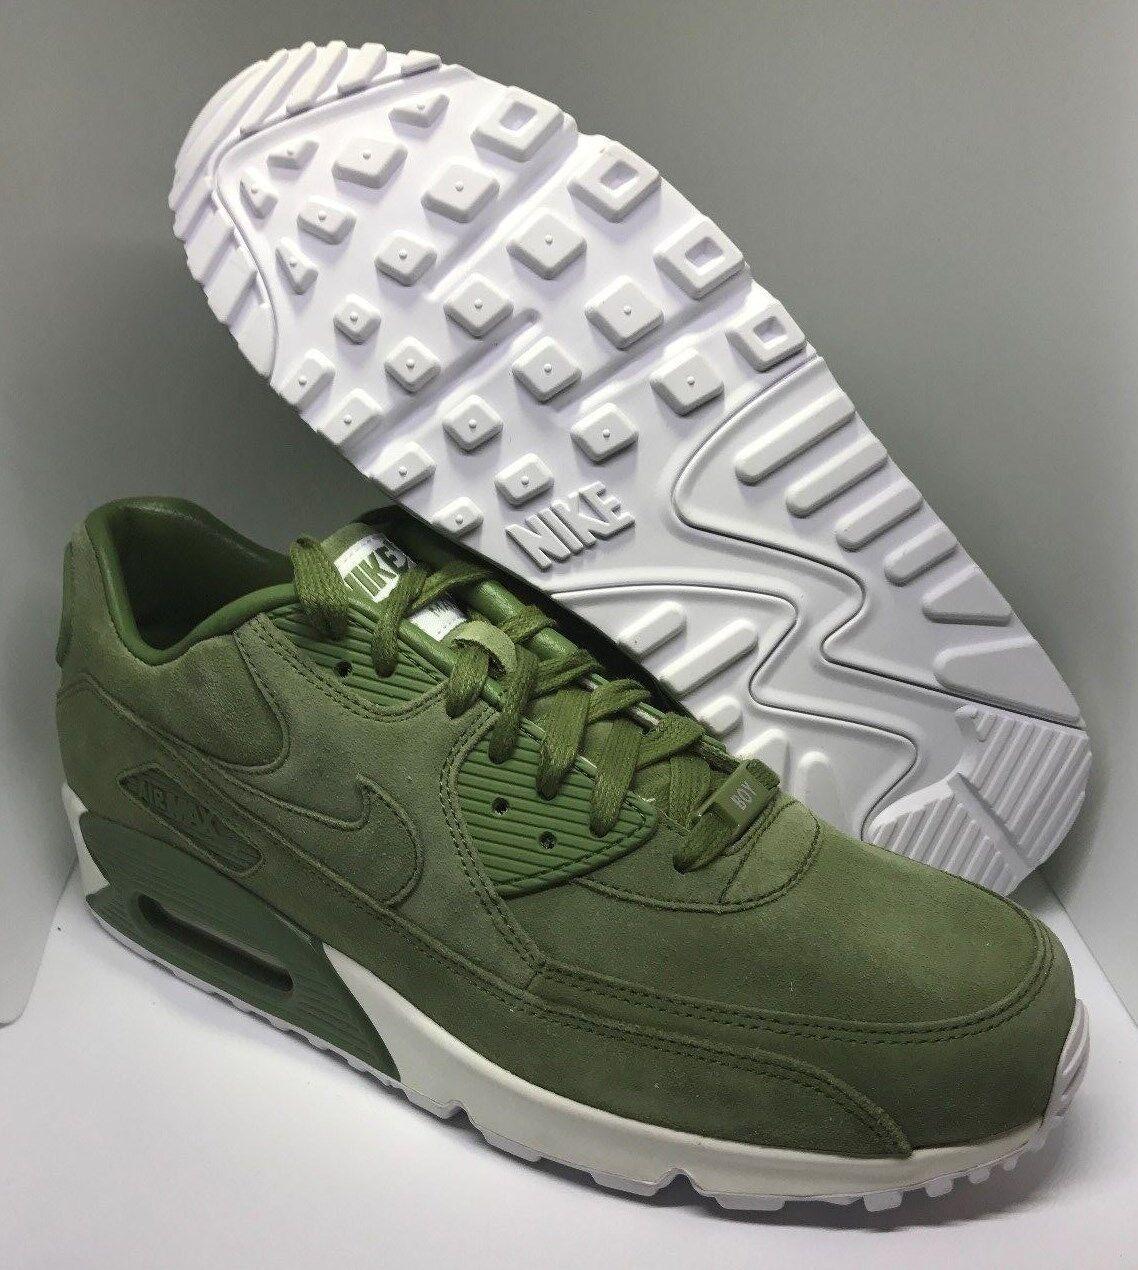 Nike air max 90 premio id uomini scarpe taglia verde bianco / greves